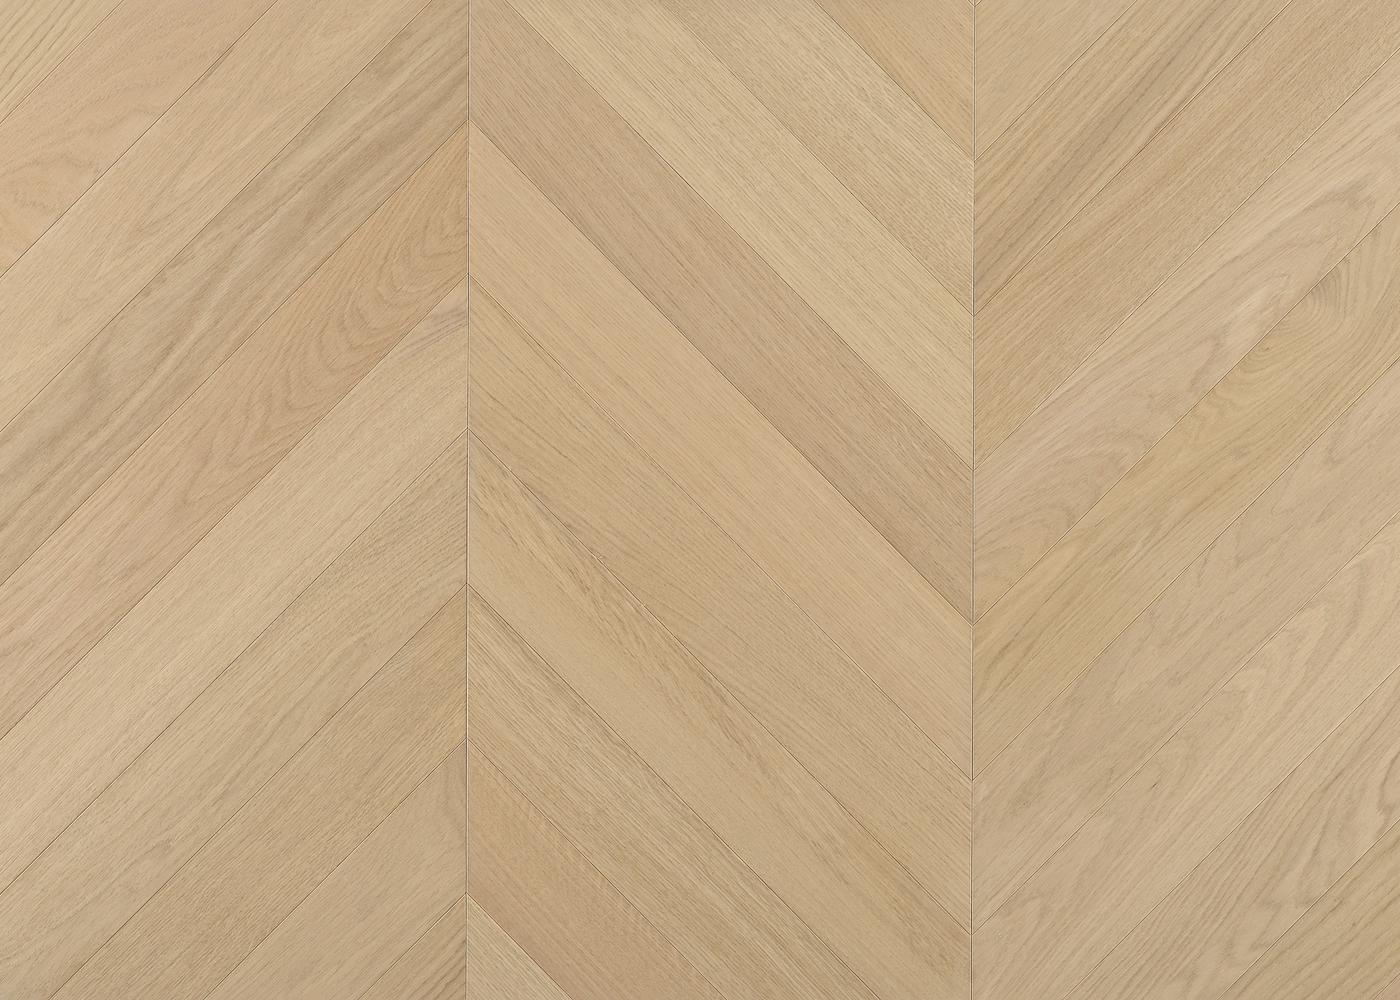 Parquet chêne contrecollé LECCE Point de Hongrie brossé vernis mat Select support HDF angle 45° 10x92x600